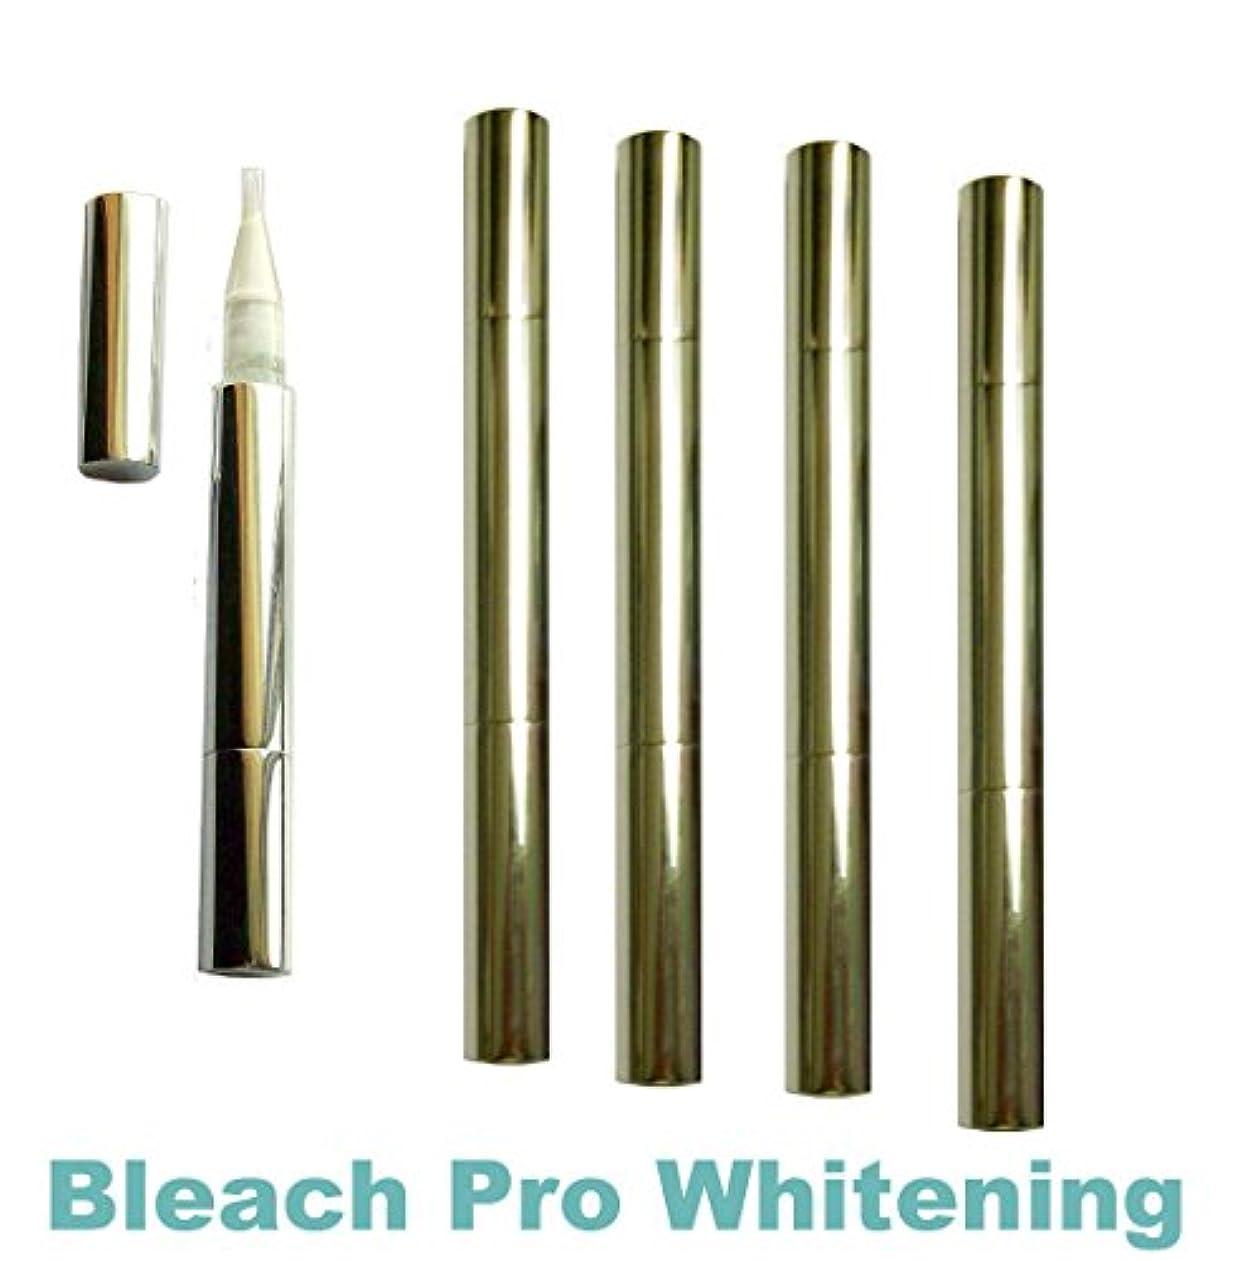 鳴り響く太字規範Teeth Whitening Gel Pens 35% Carbamide Peroxide Tooth Bleaching Formula Pen with Brush Tip Gel Dispenser. 5 Whitening...